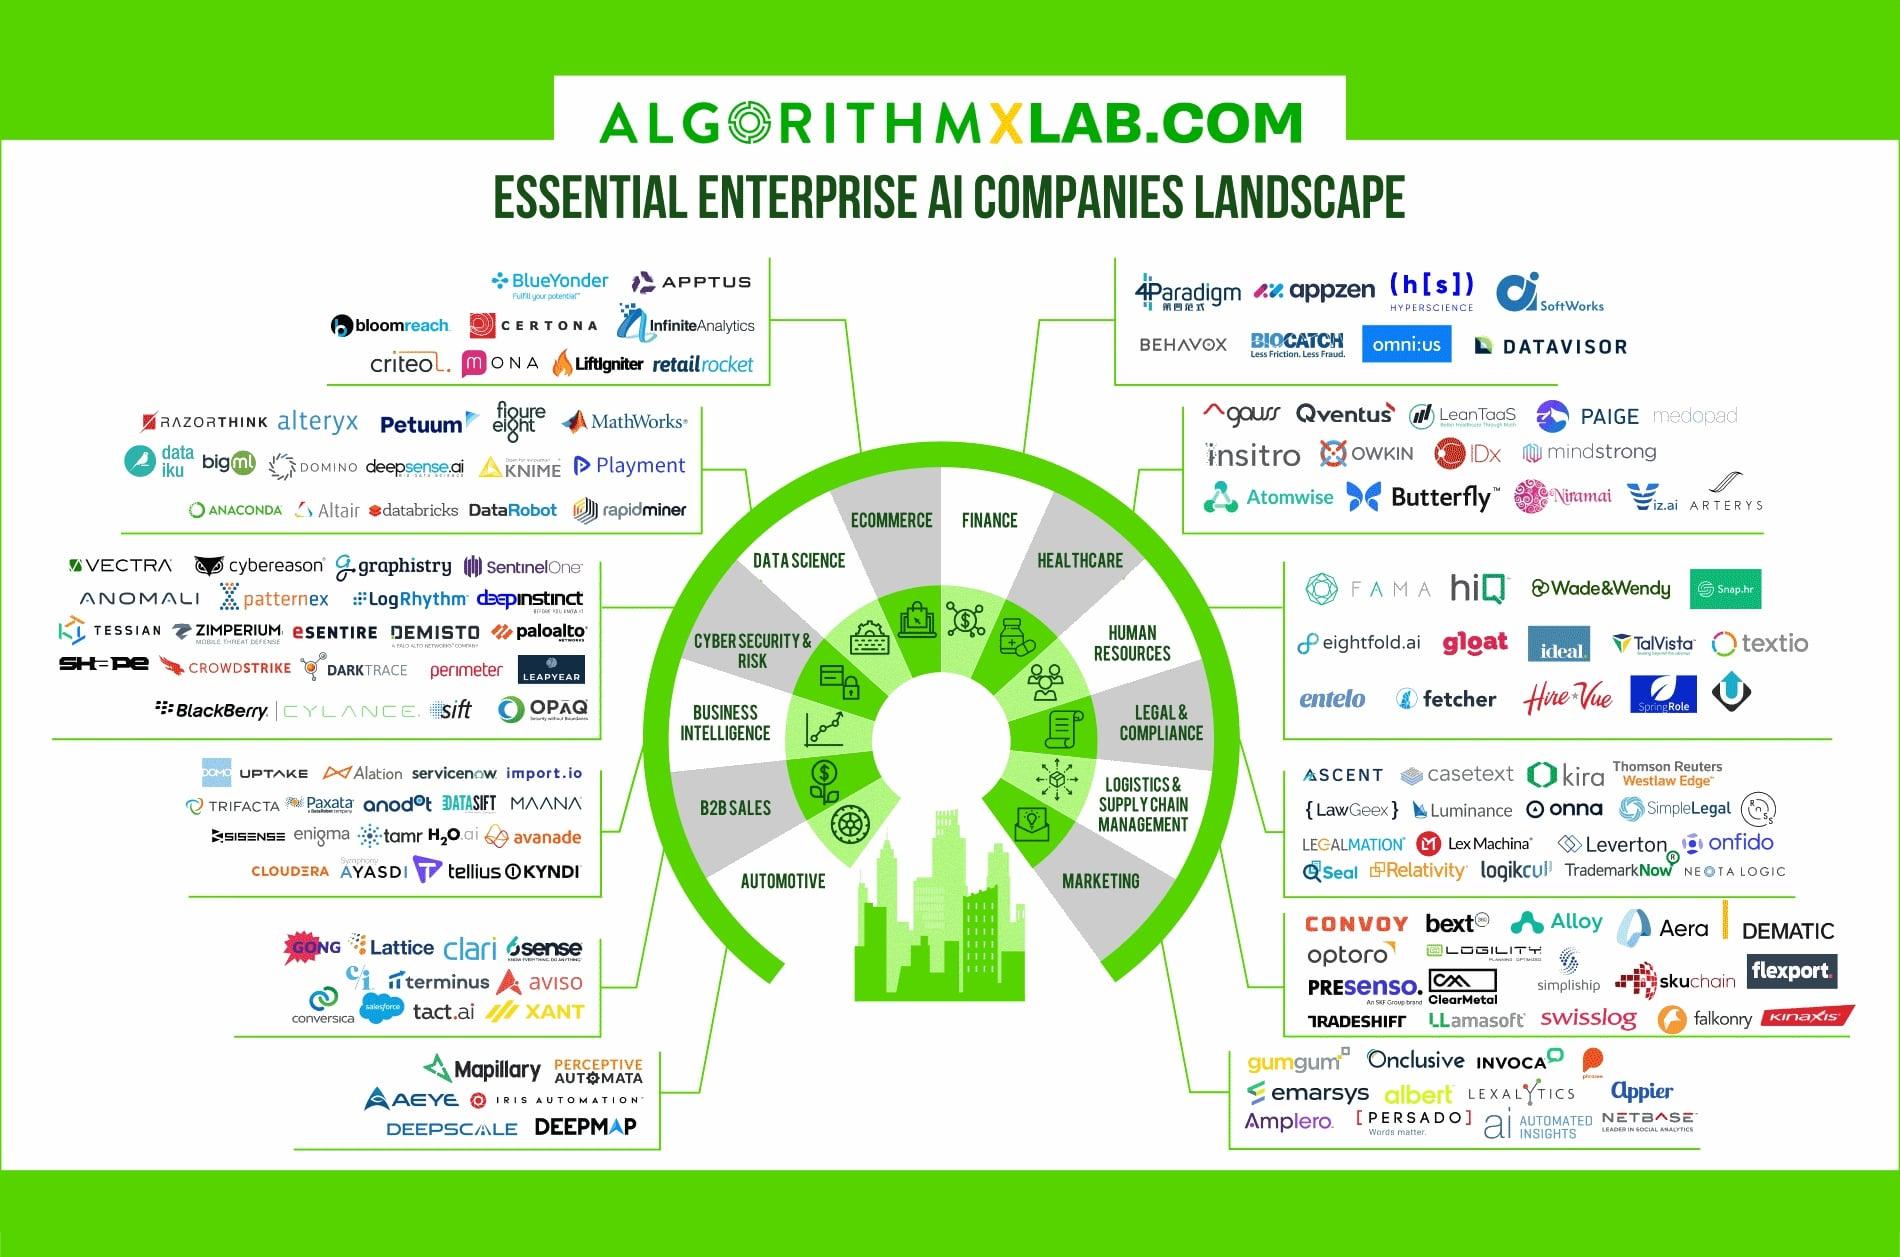 Essential Enterprise AI Companies Landscape Infographic